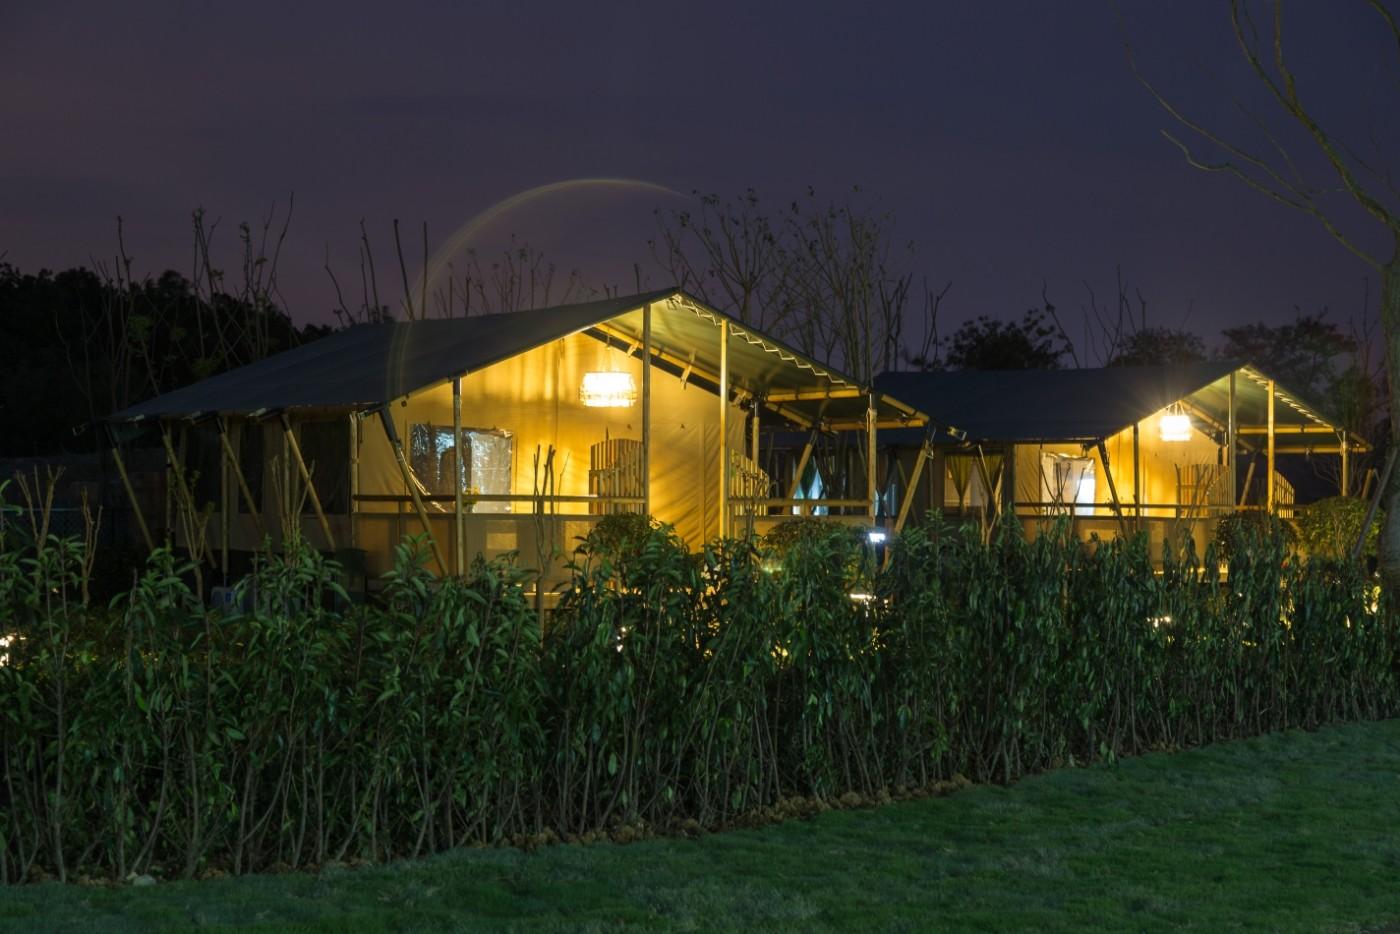 喜马拉雅野奢帐篷酒店—太湖湾露营谷13